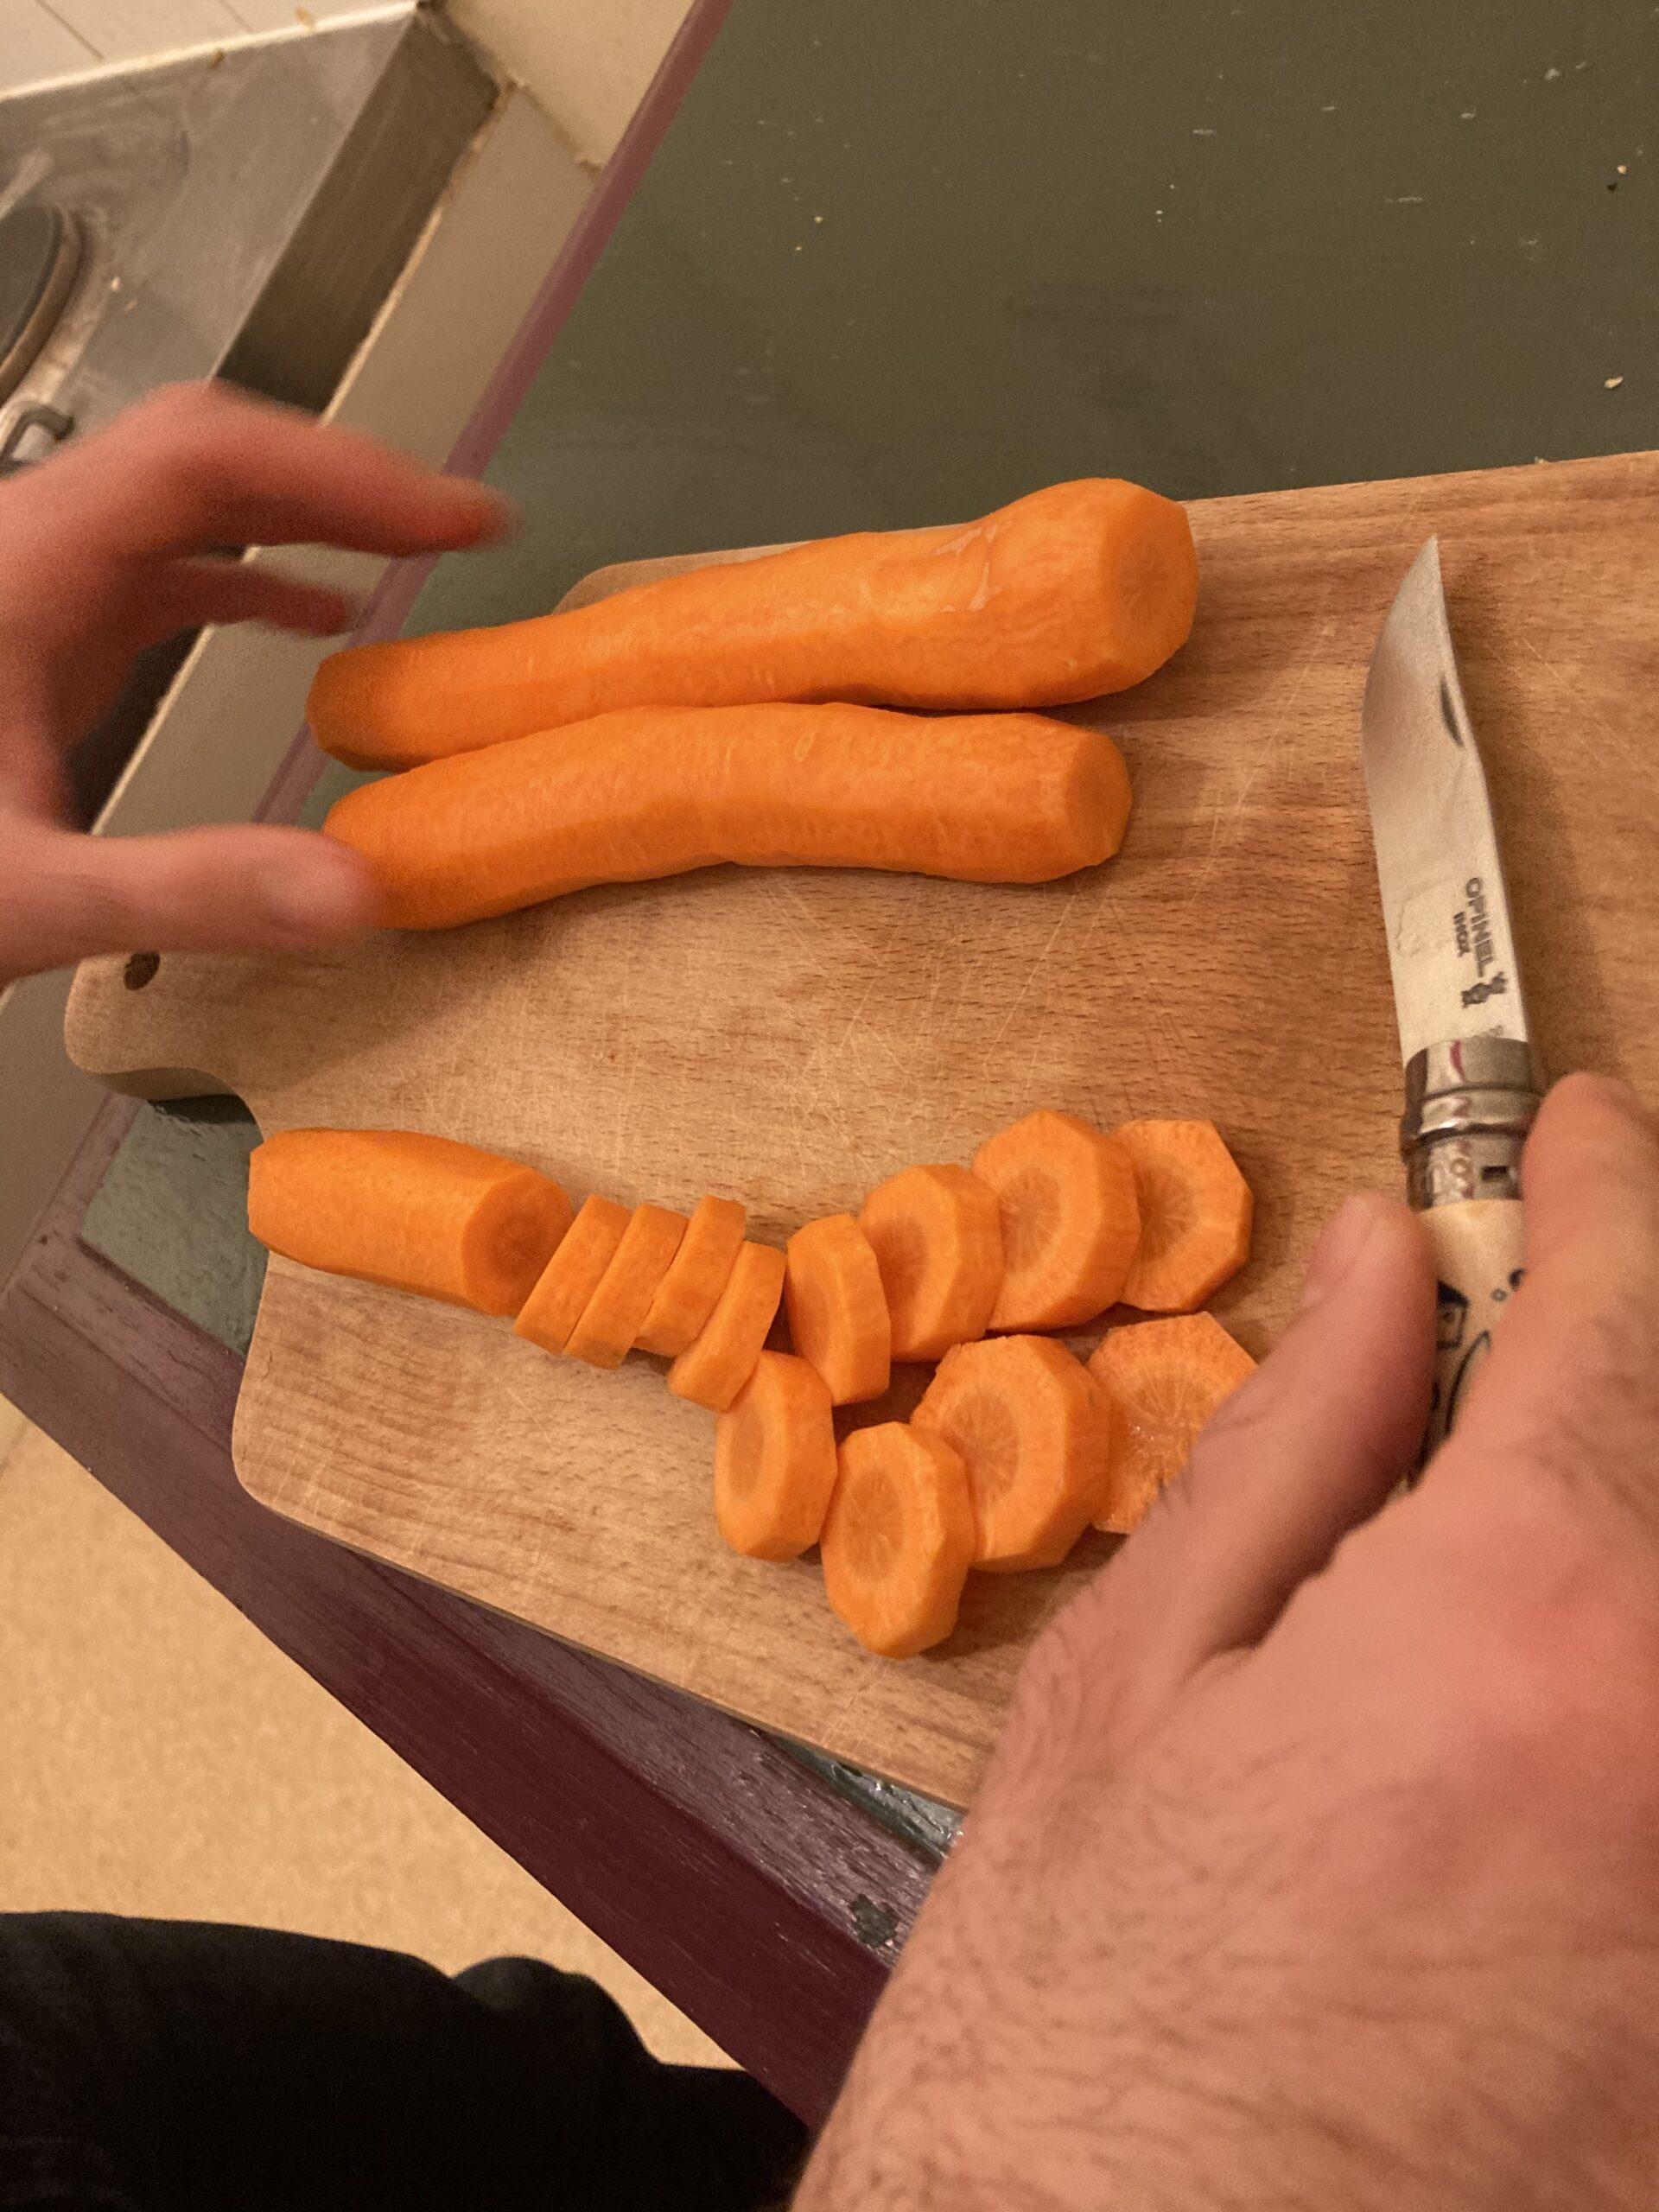 3 carottes sur une planc en train d'être découpées